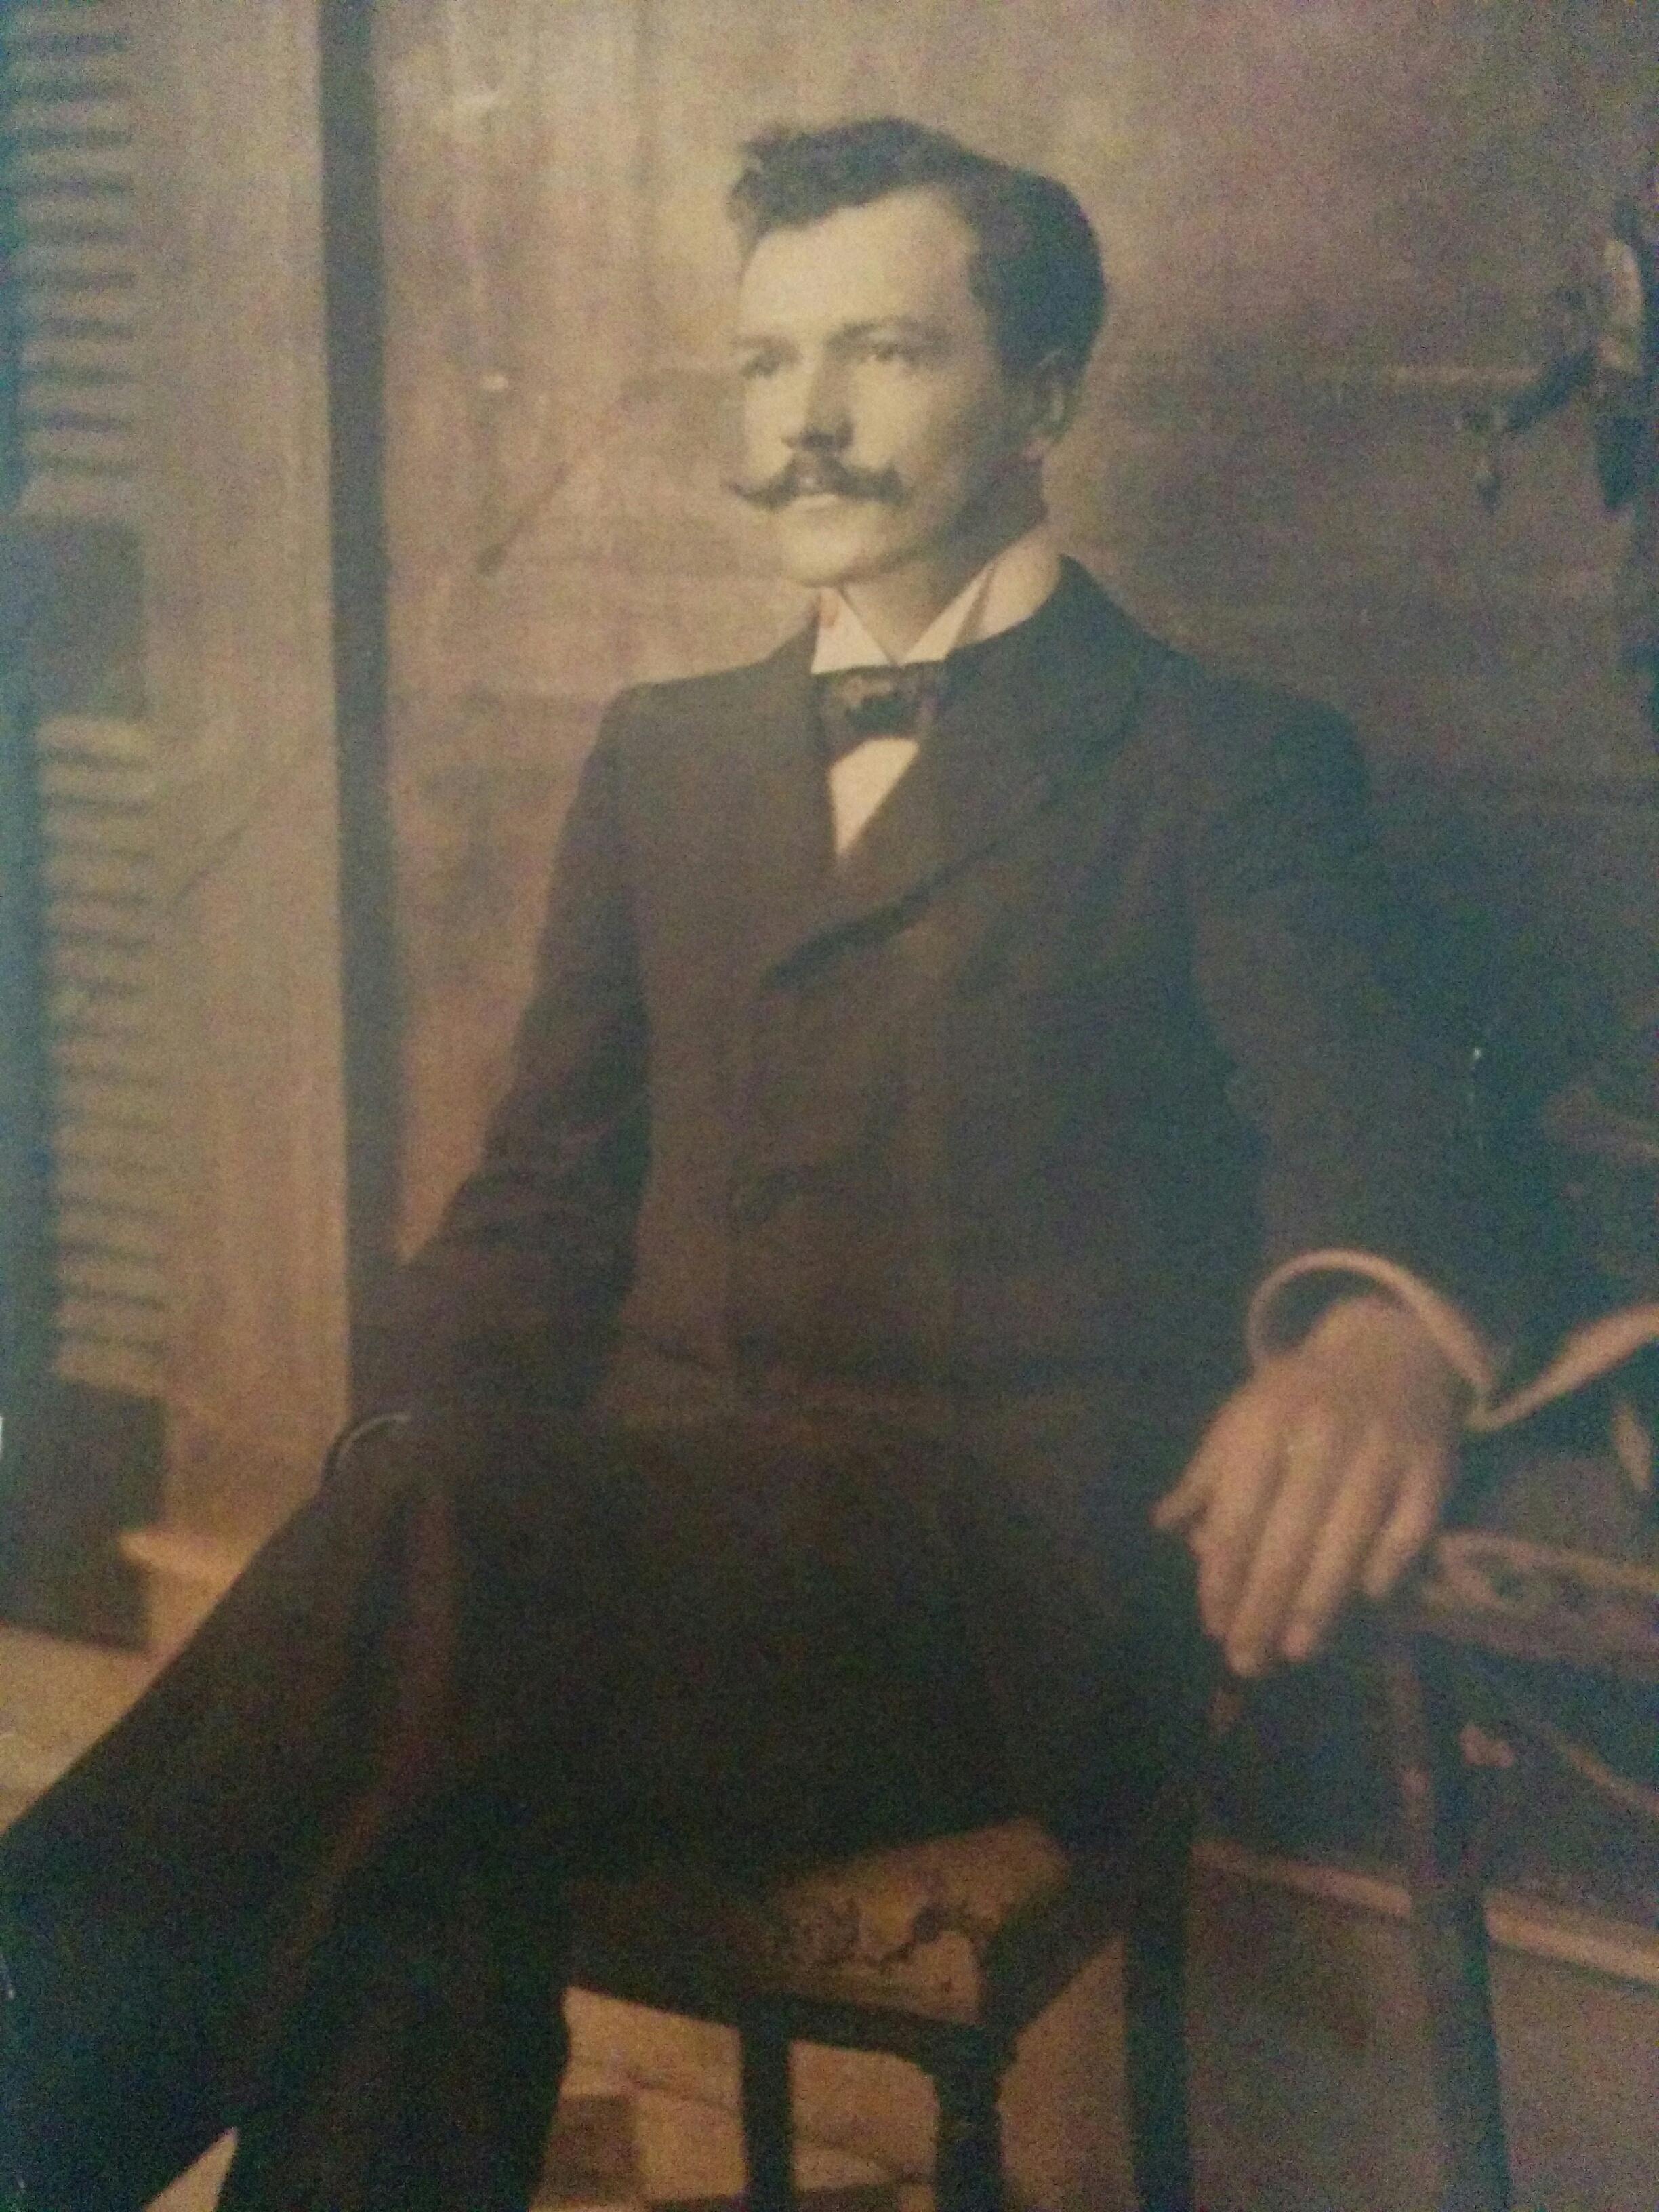 Los 110 años, de la trágica muerte del poeta Carlos Ortiz, en 1910.